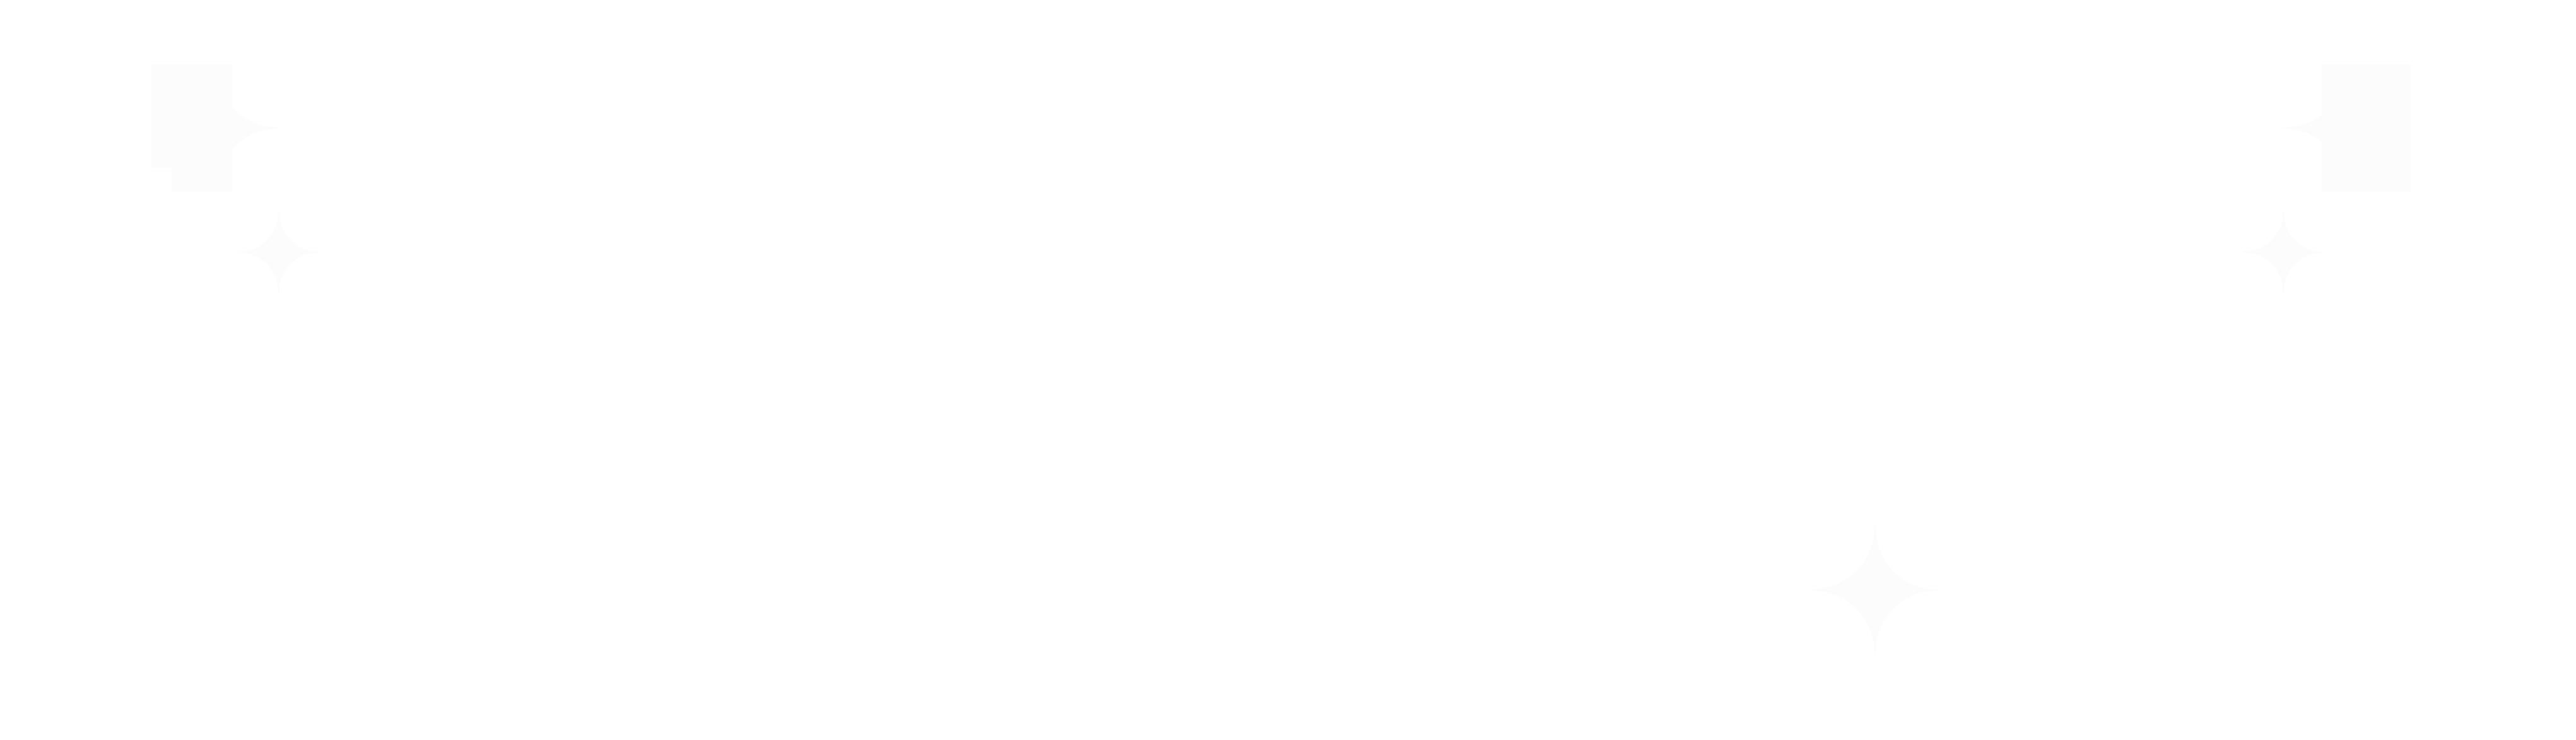 BeyD 2021